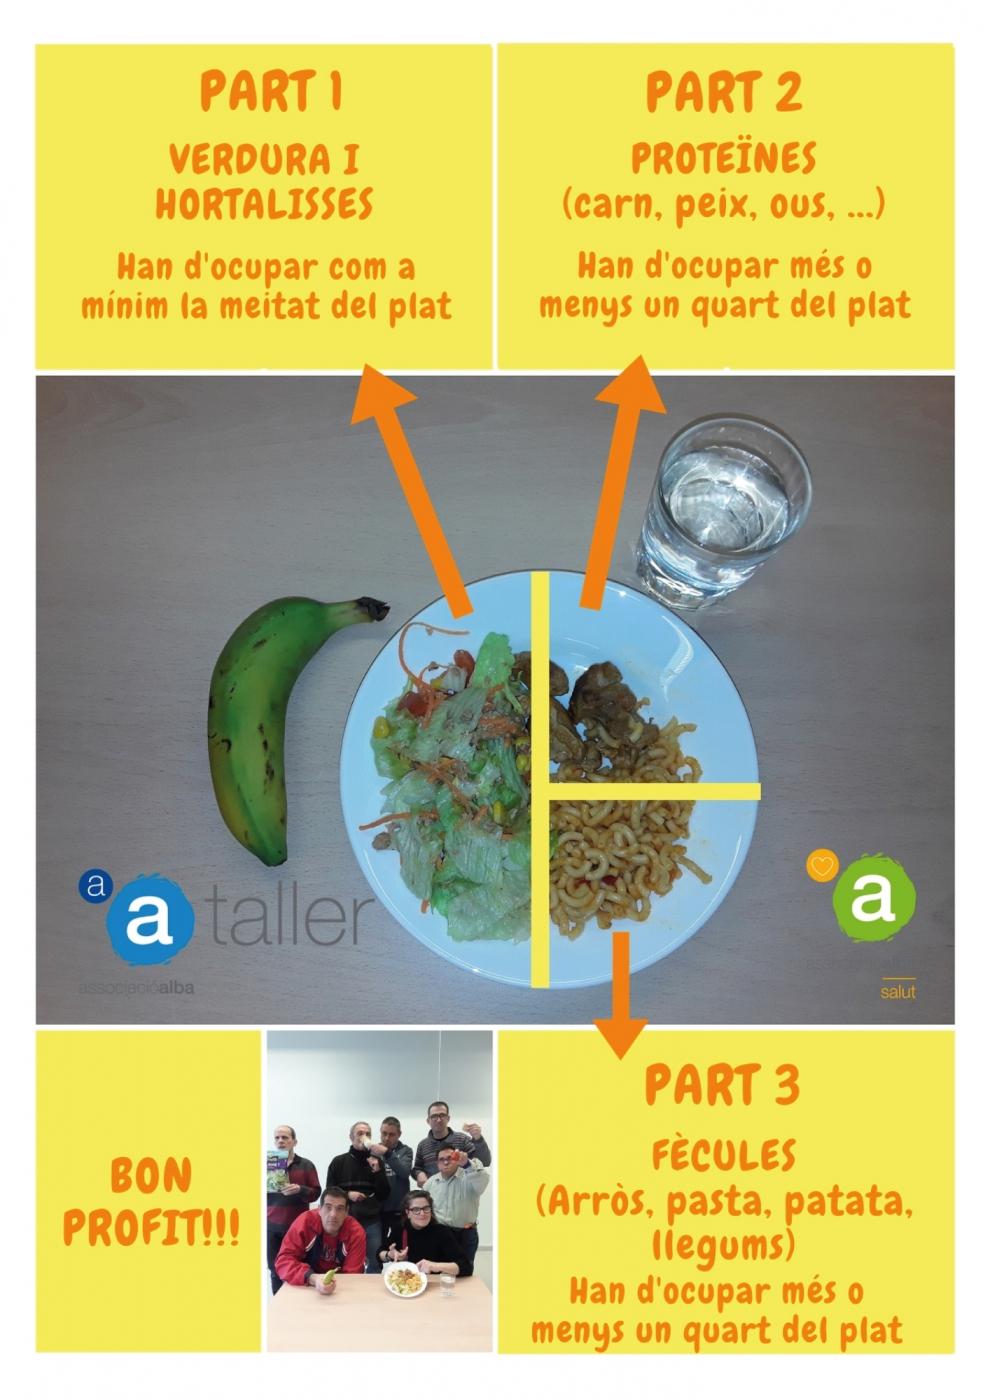 regla del plat